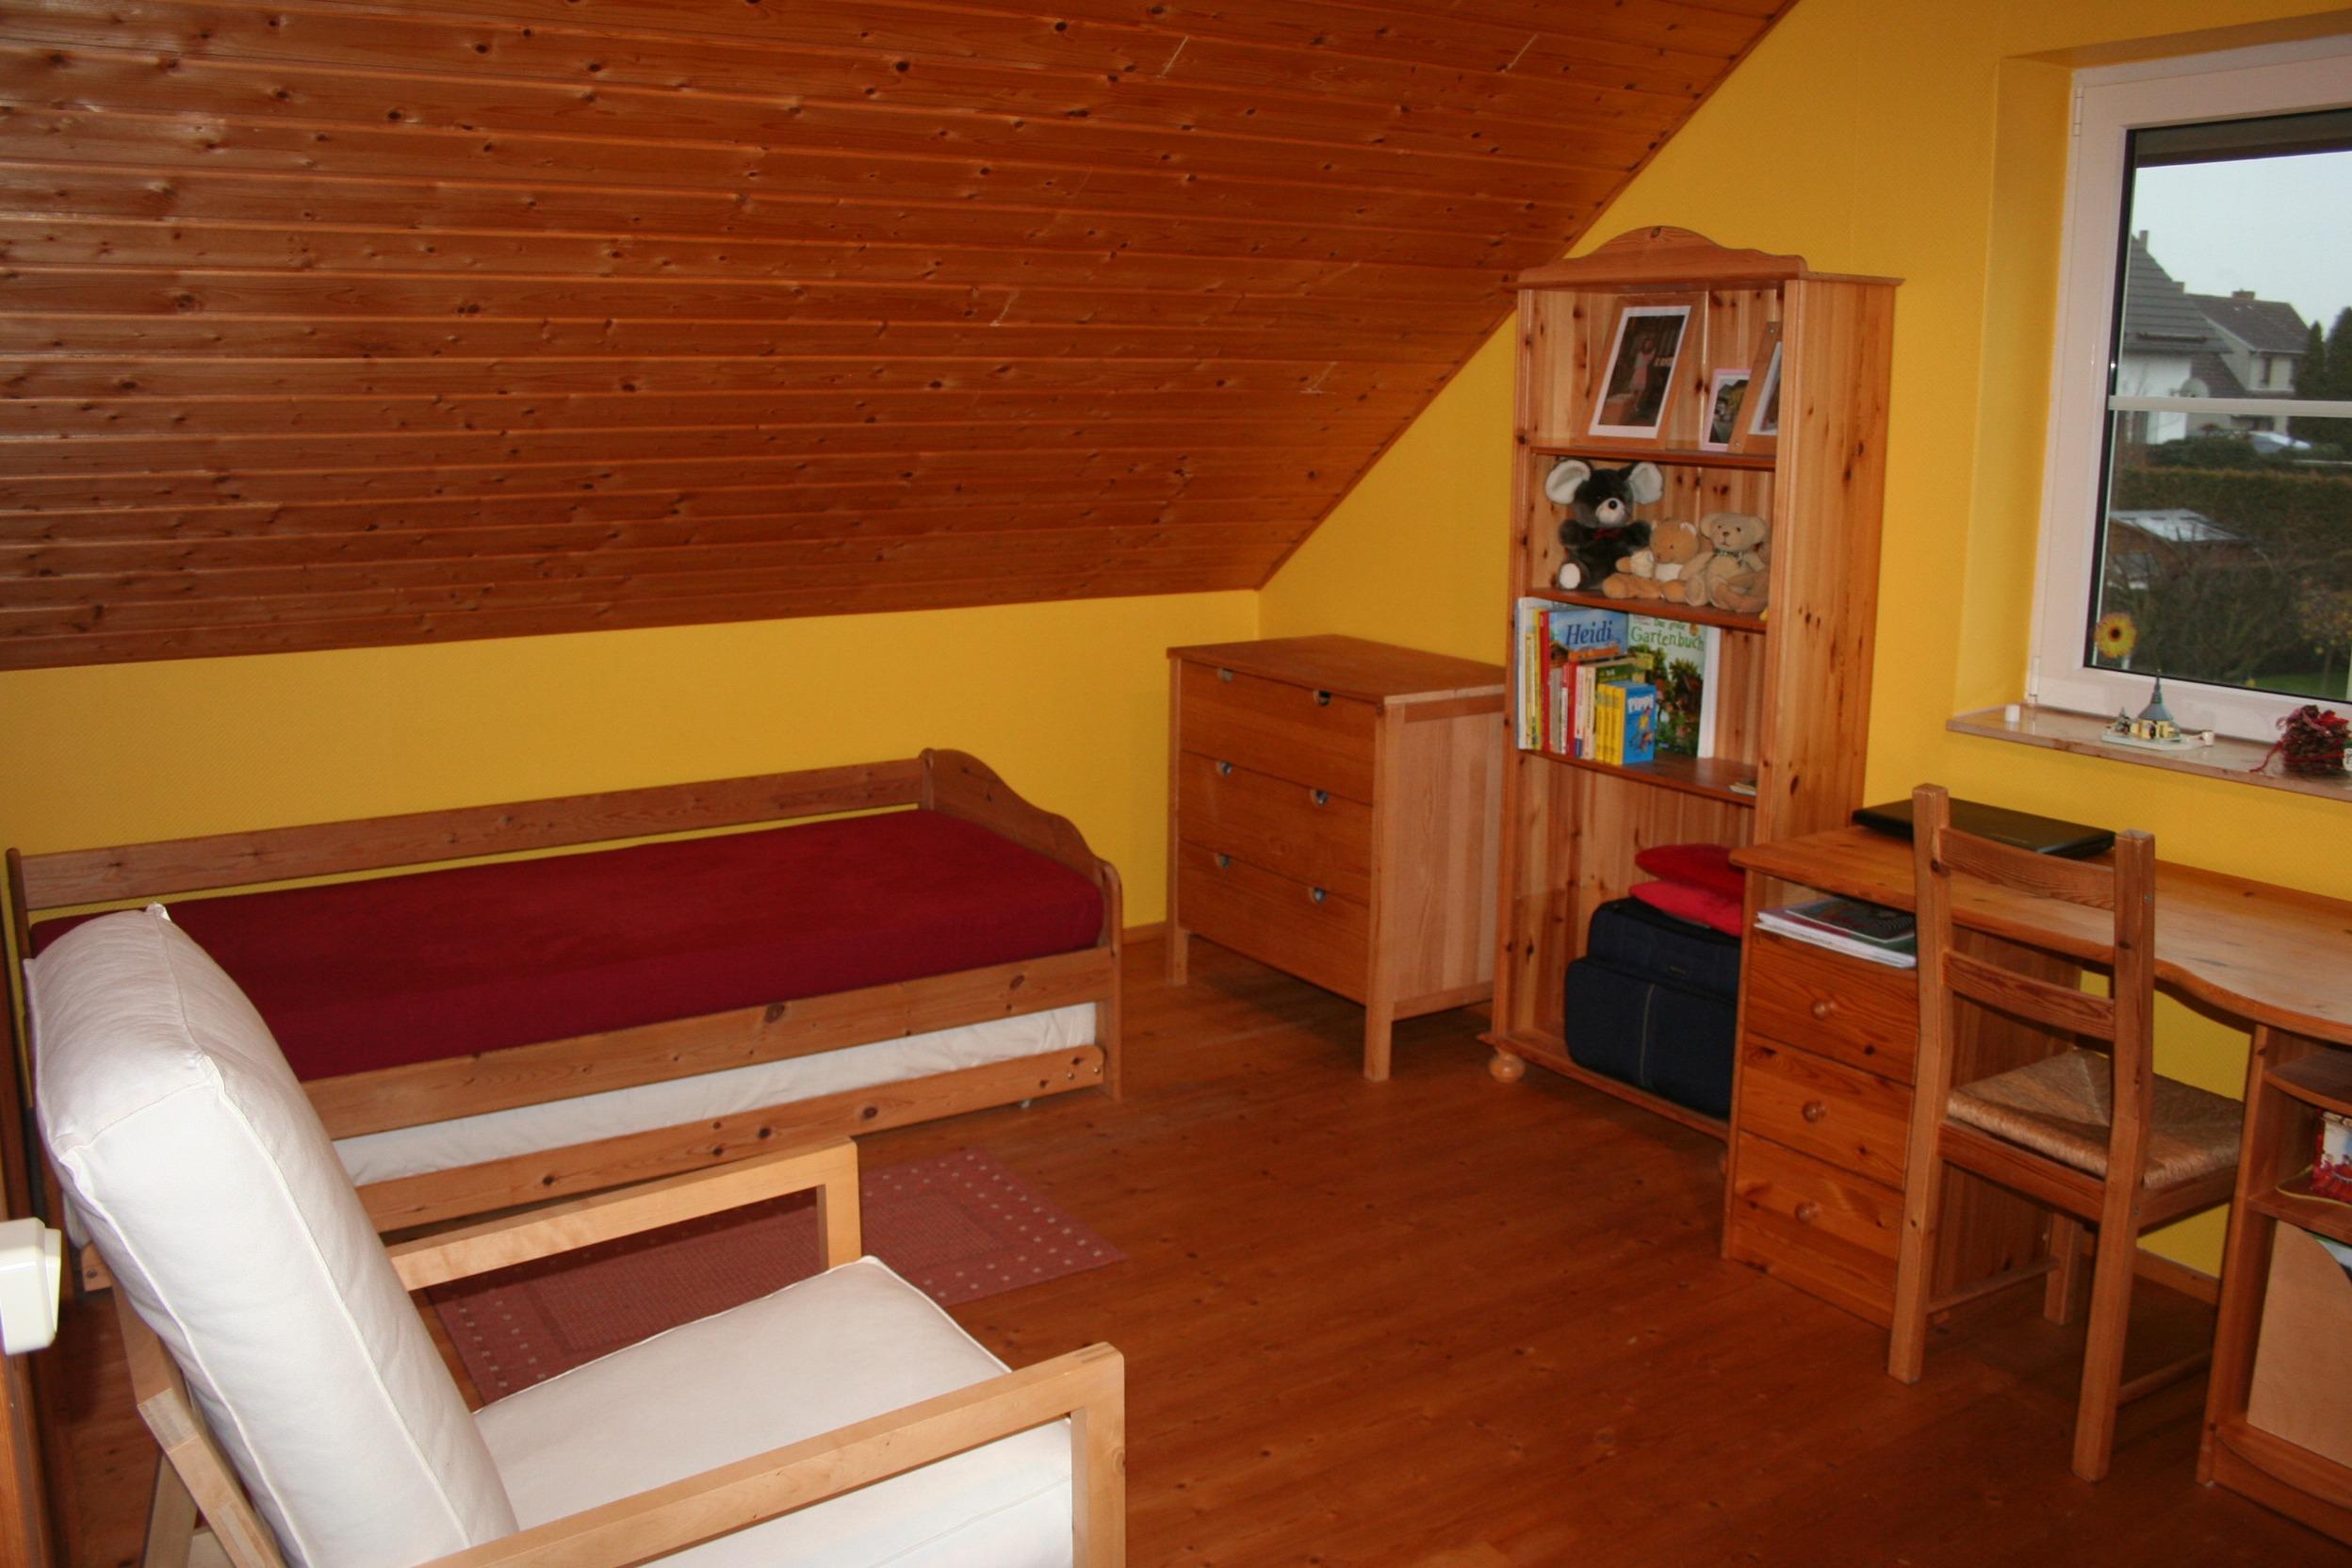 Einfamilienhaus Sennewitz - Zimmer im Obergeschoss